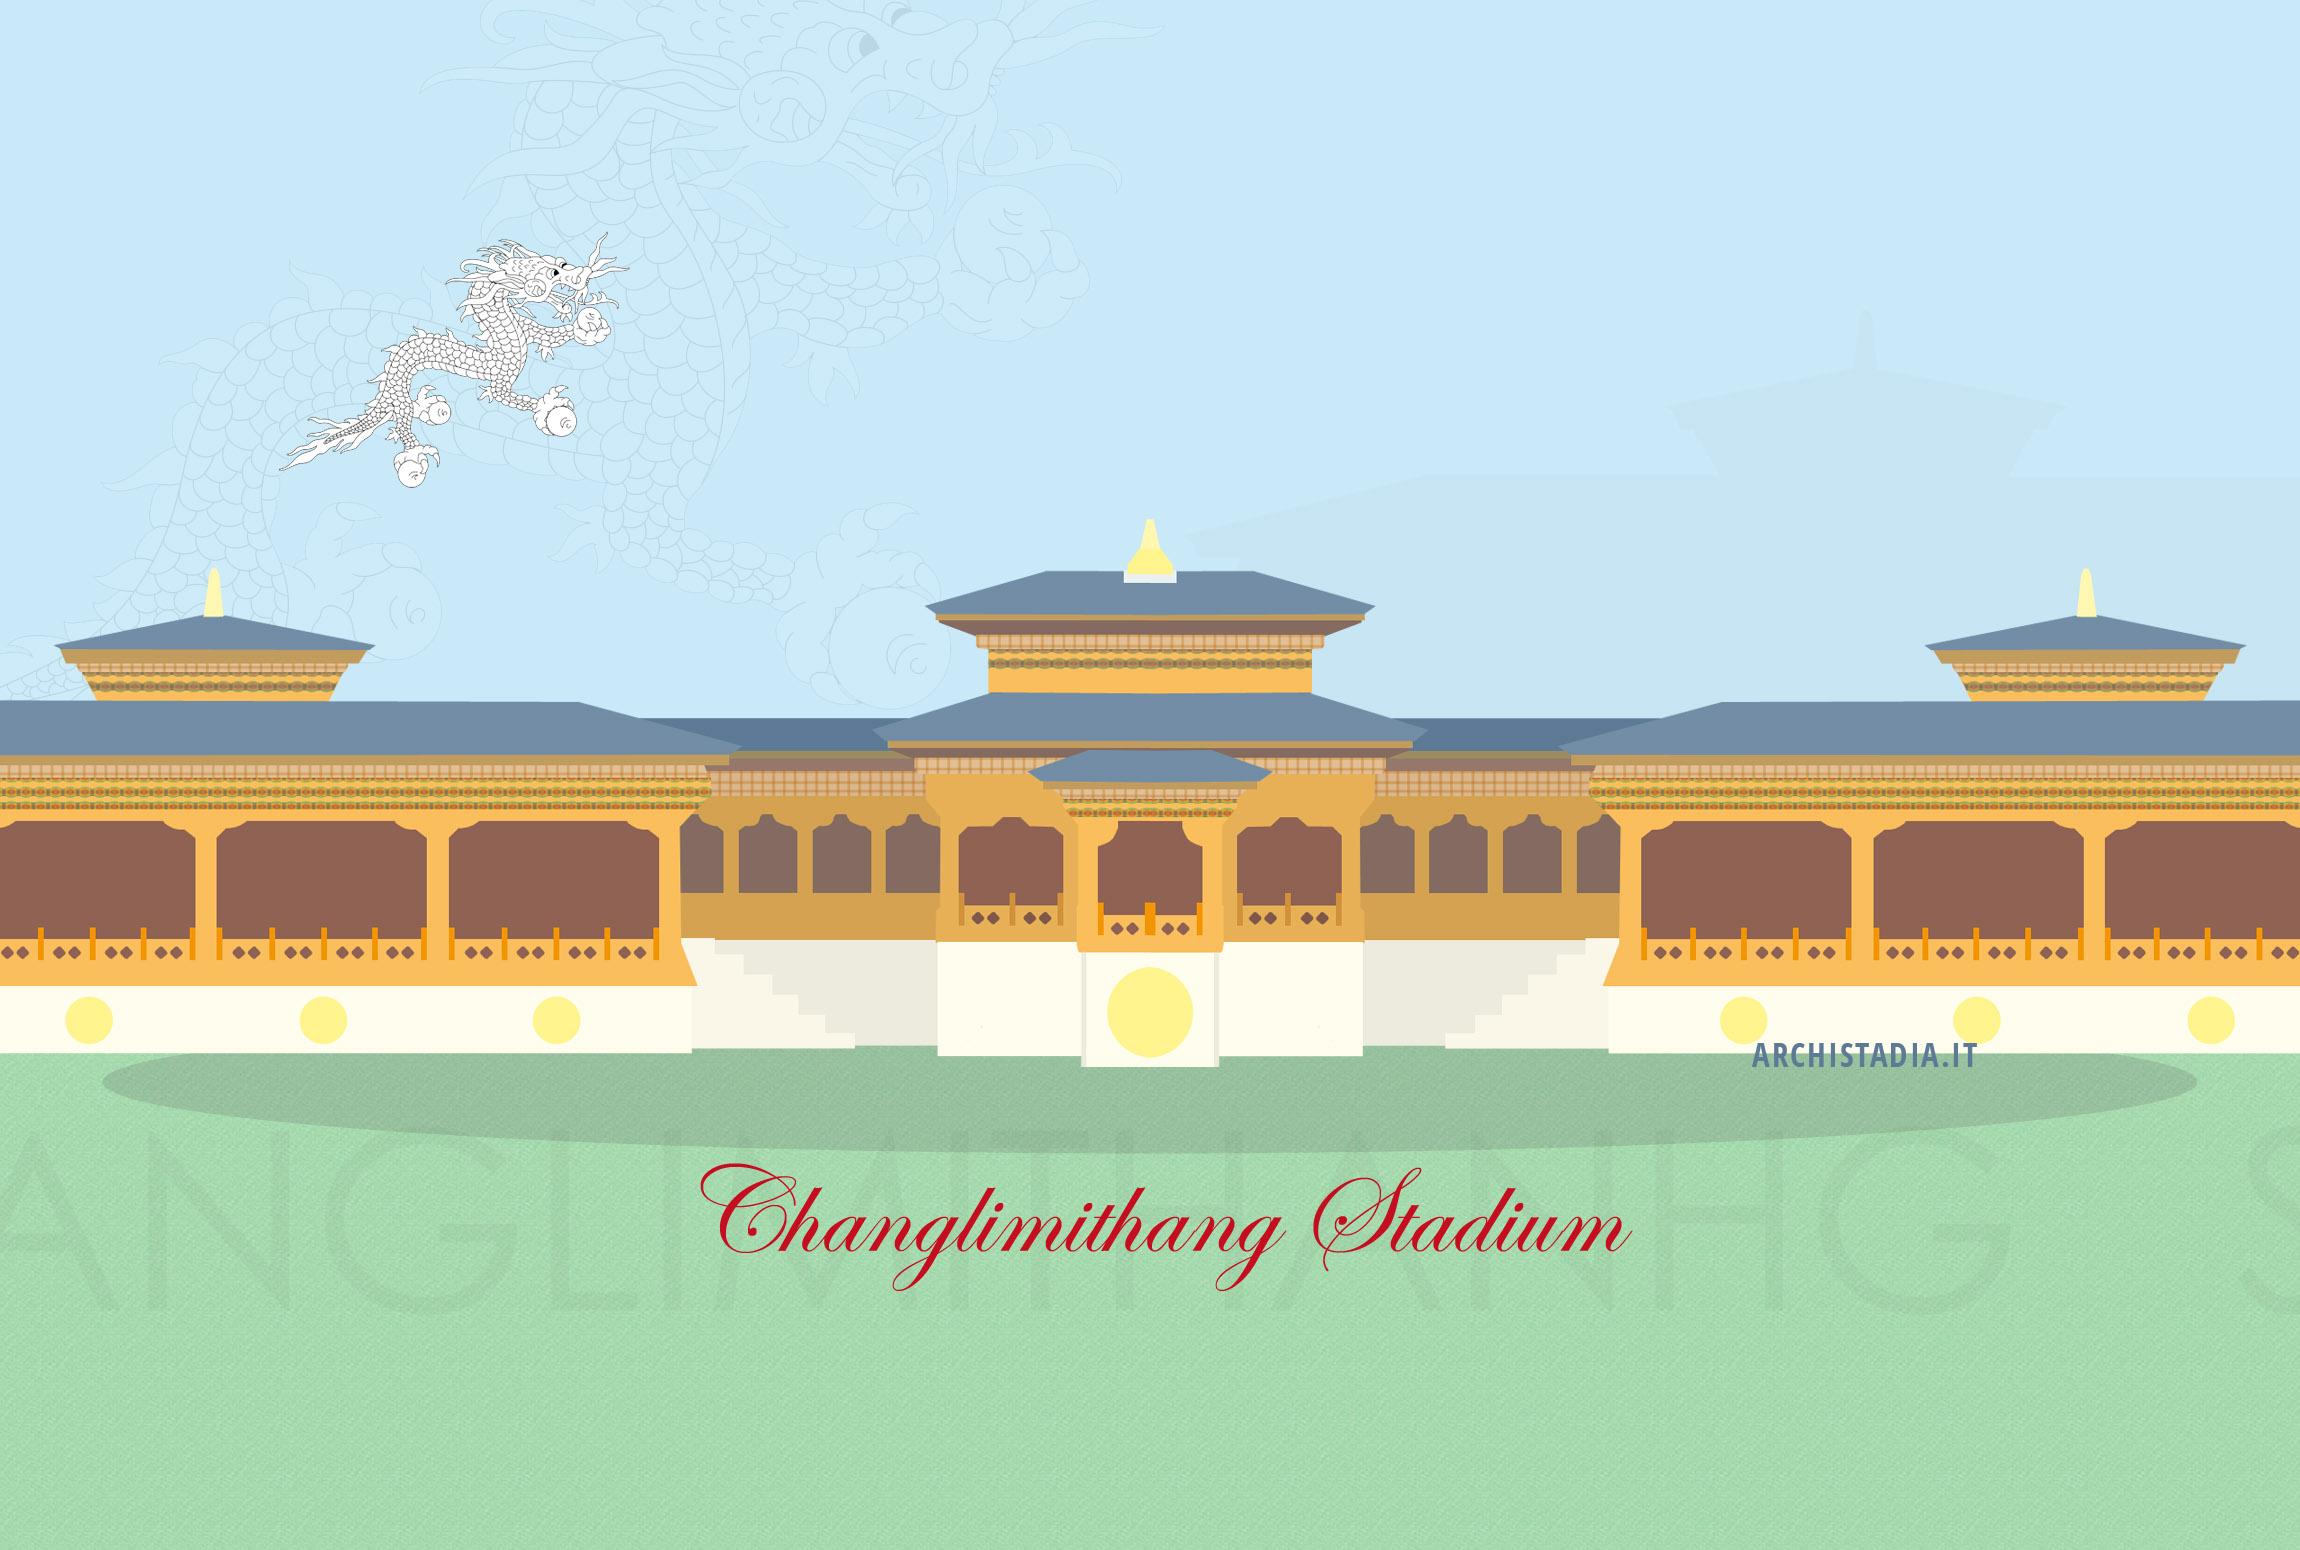 bhutan-changlimithang-stadio